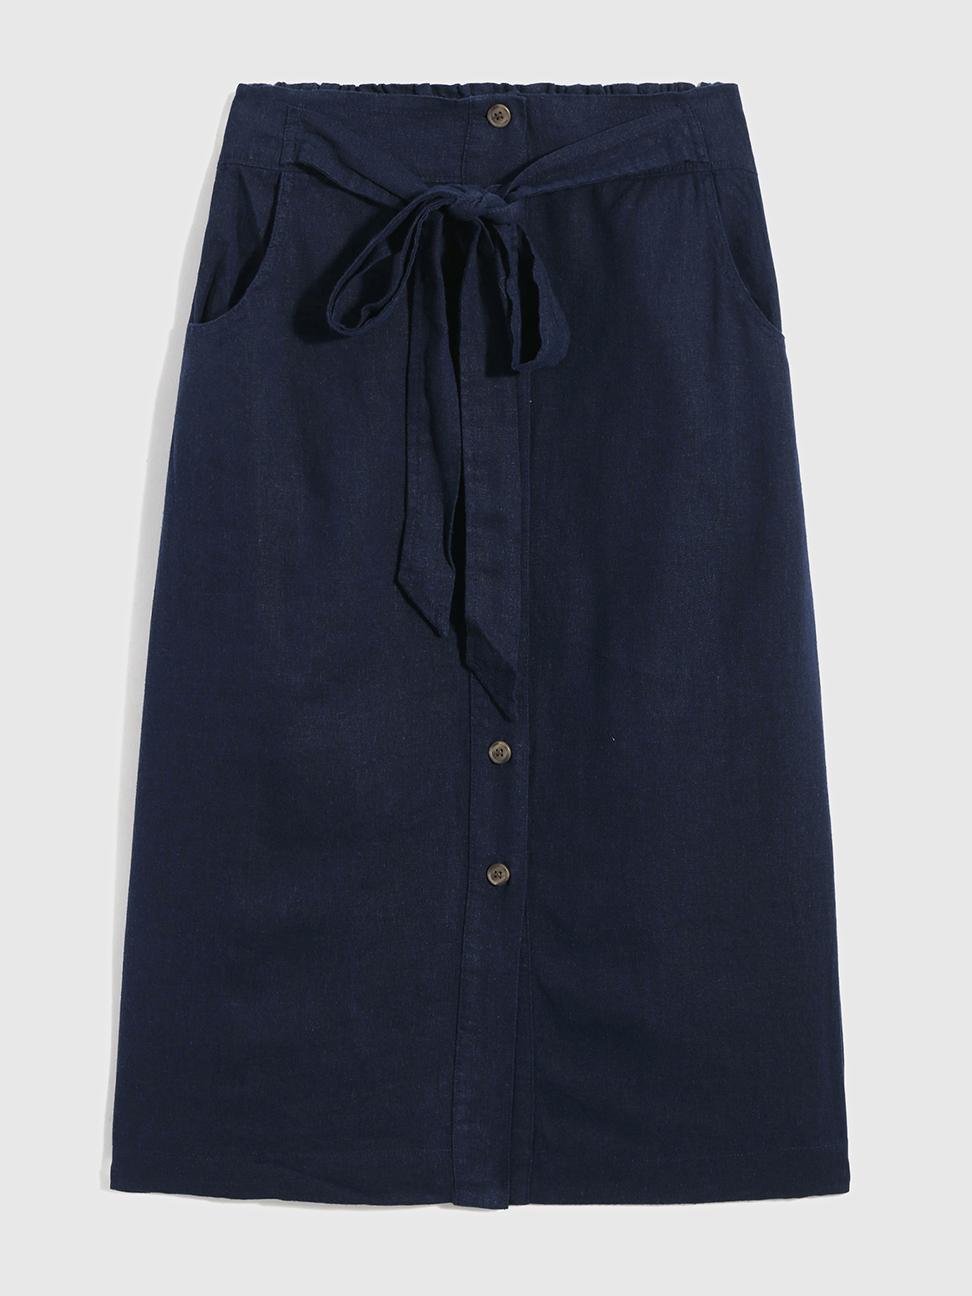 女裝 亞麻混紡單排扣半身長裙